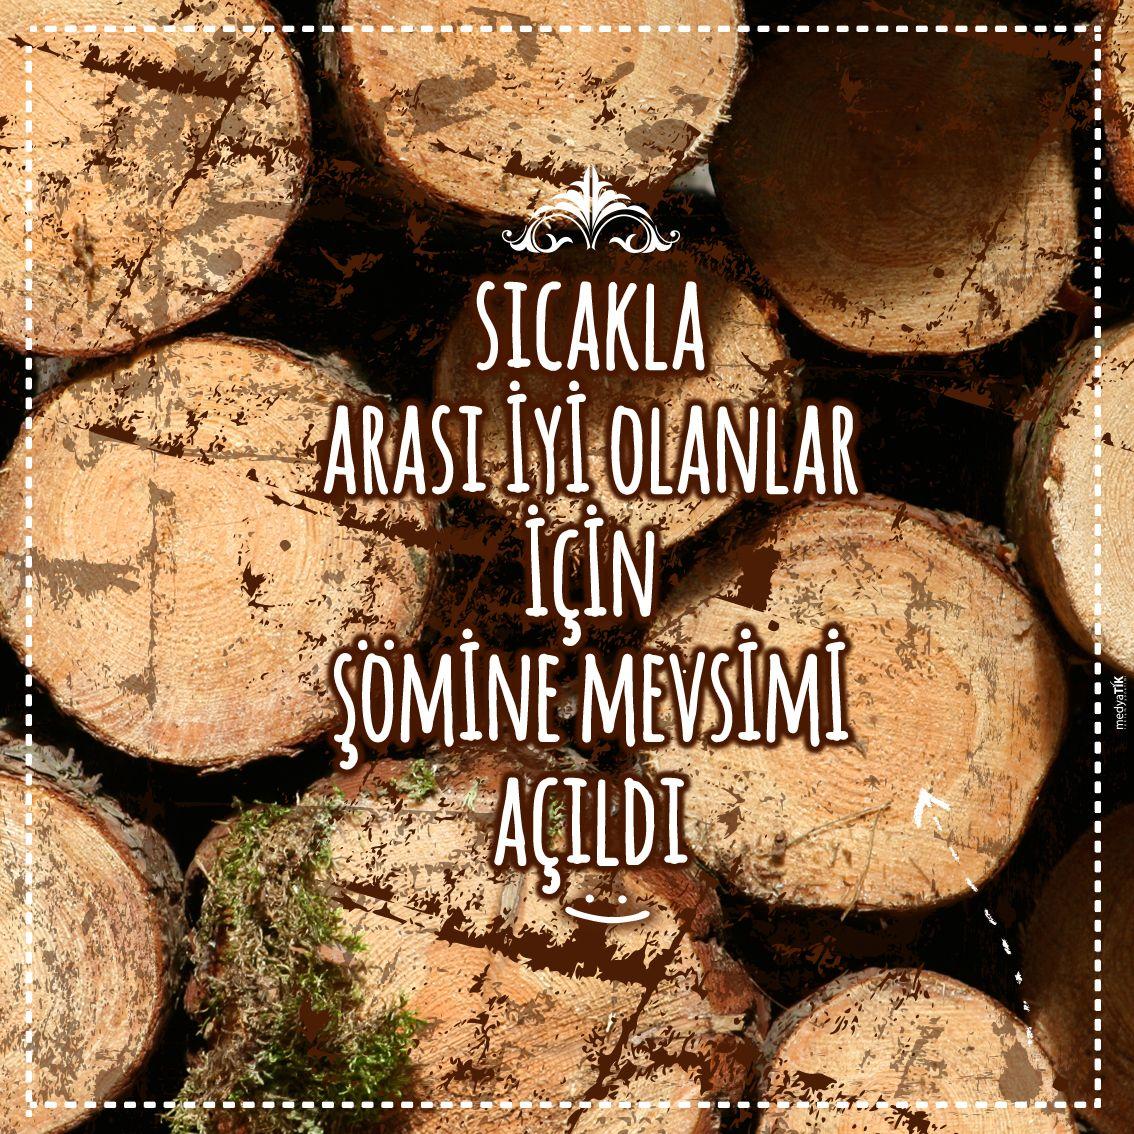 Siesta Meşelipark'ta şömine sezonu açıldı takipçilere duyurmak lazım :)